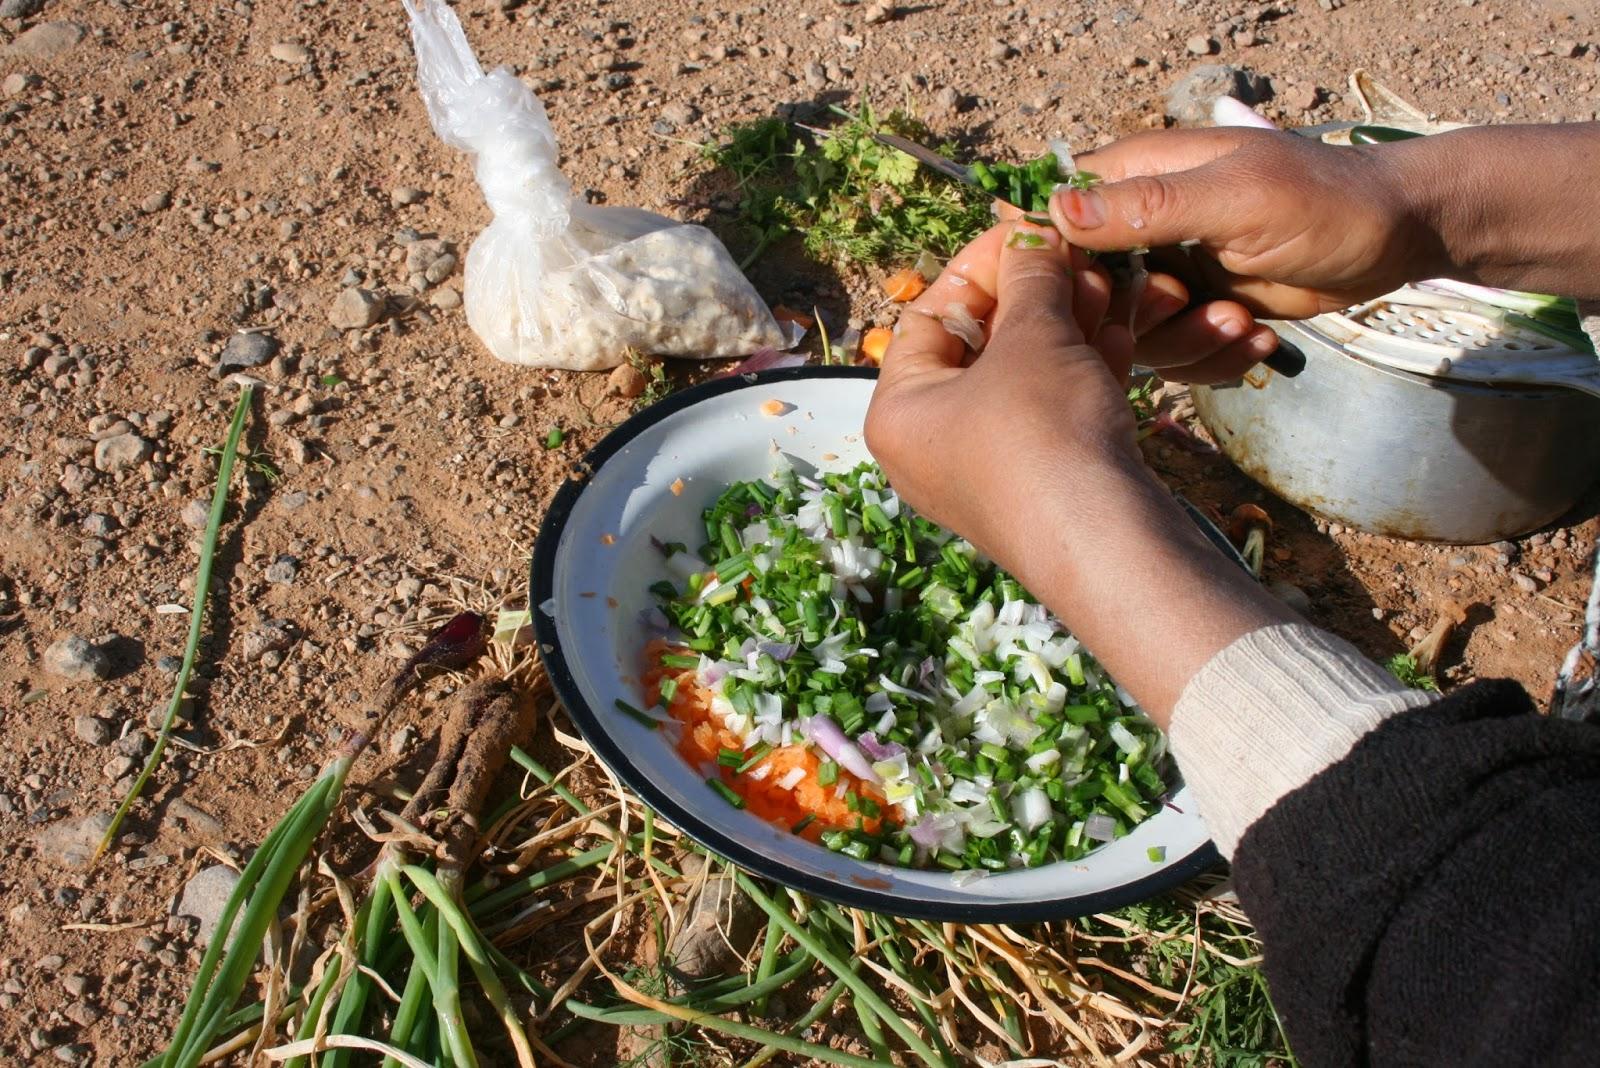 gastronomía marroquí, viajar a marruecos, semana santa en marruecos, viajeros en marruecos, rutas en marruecos